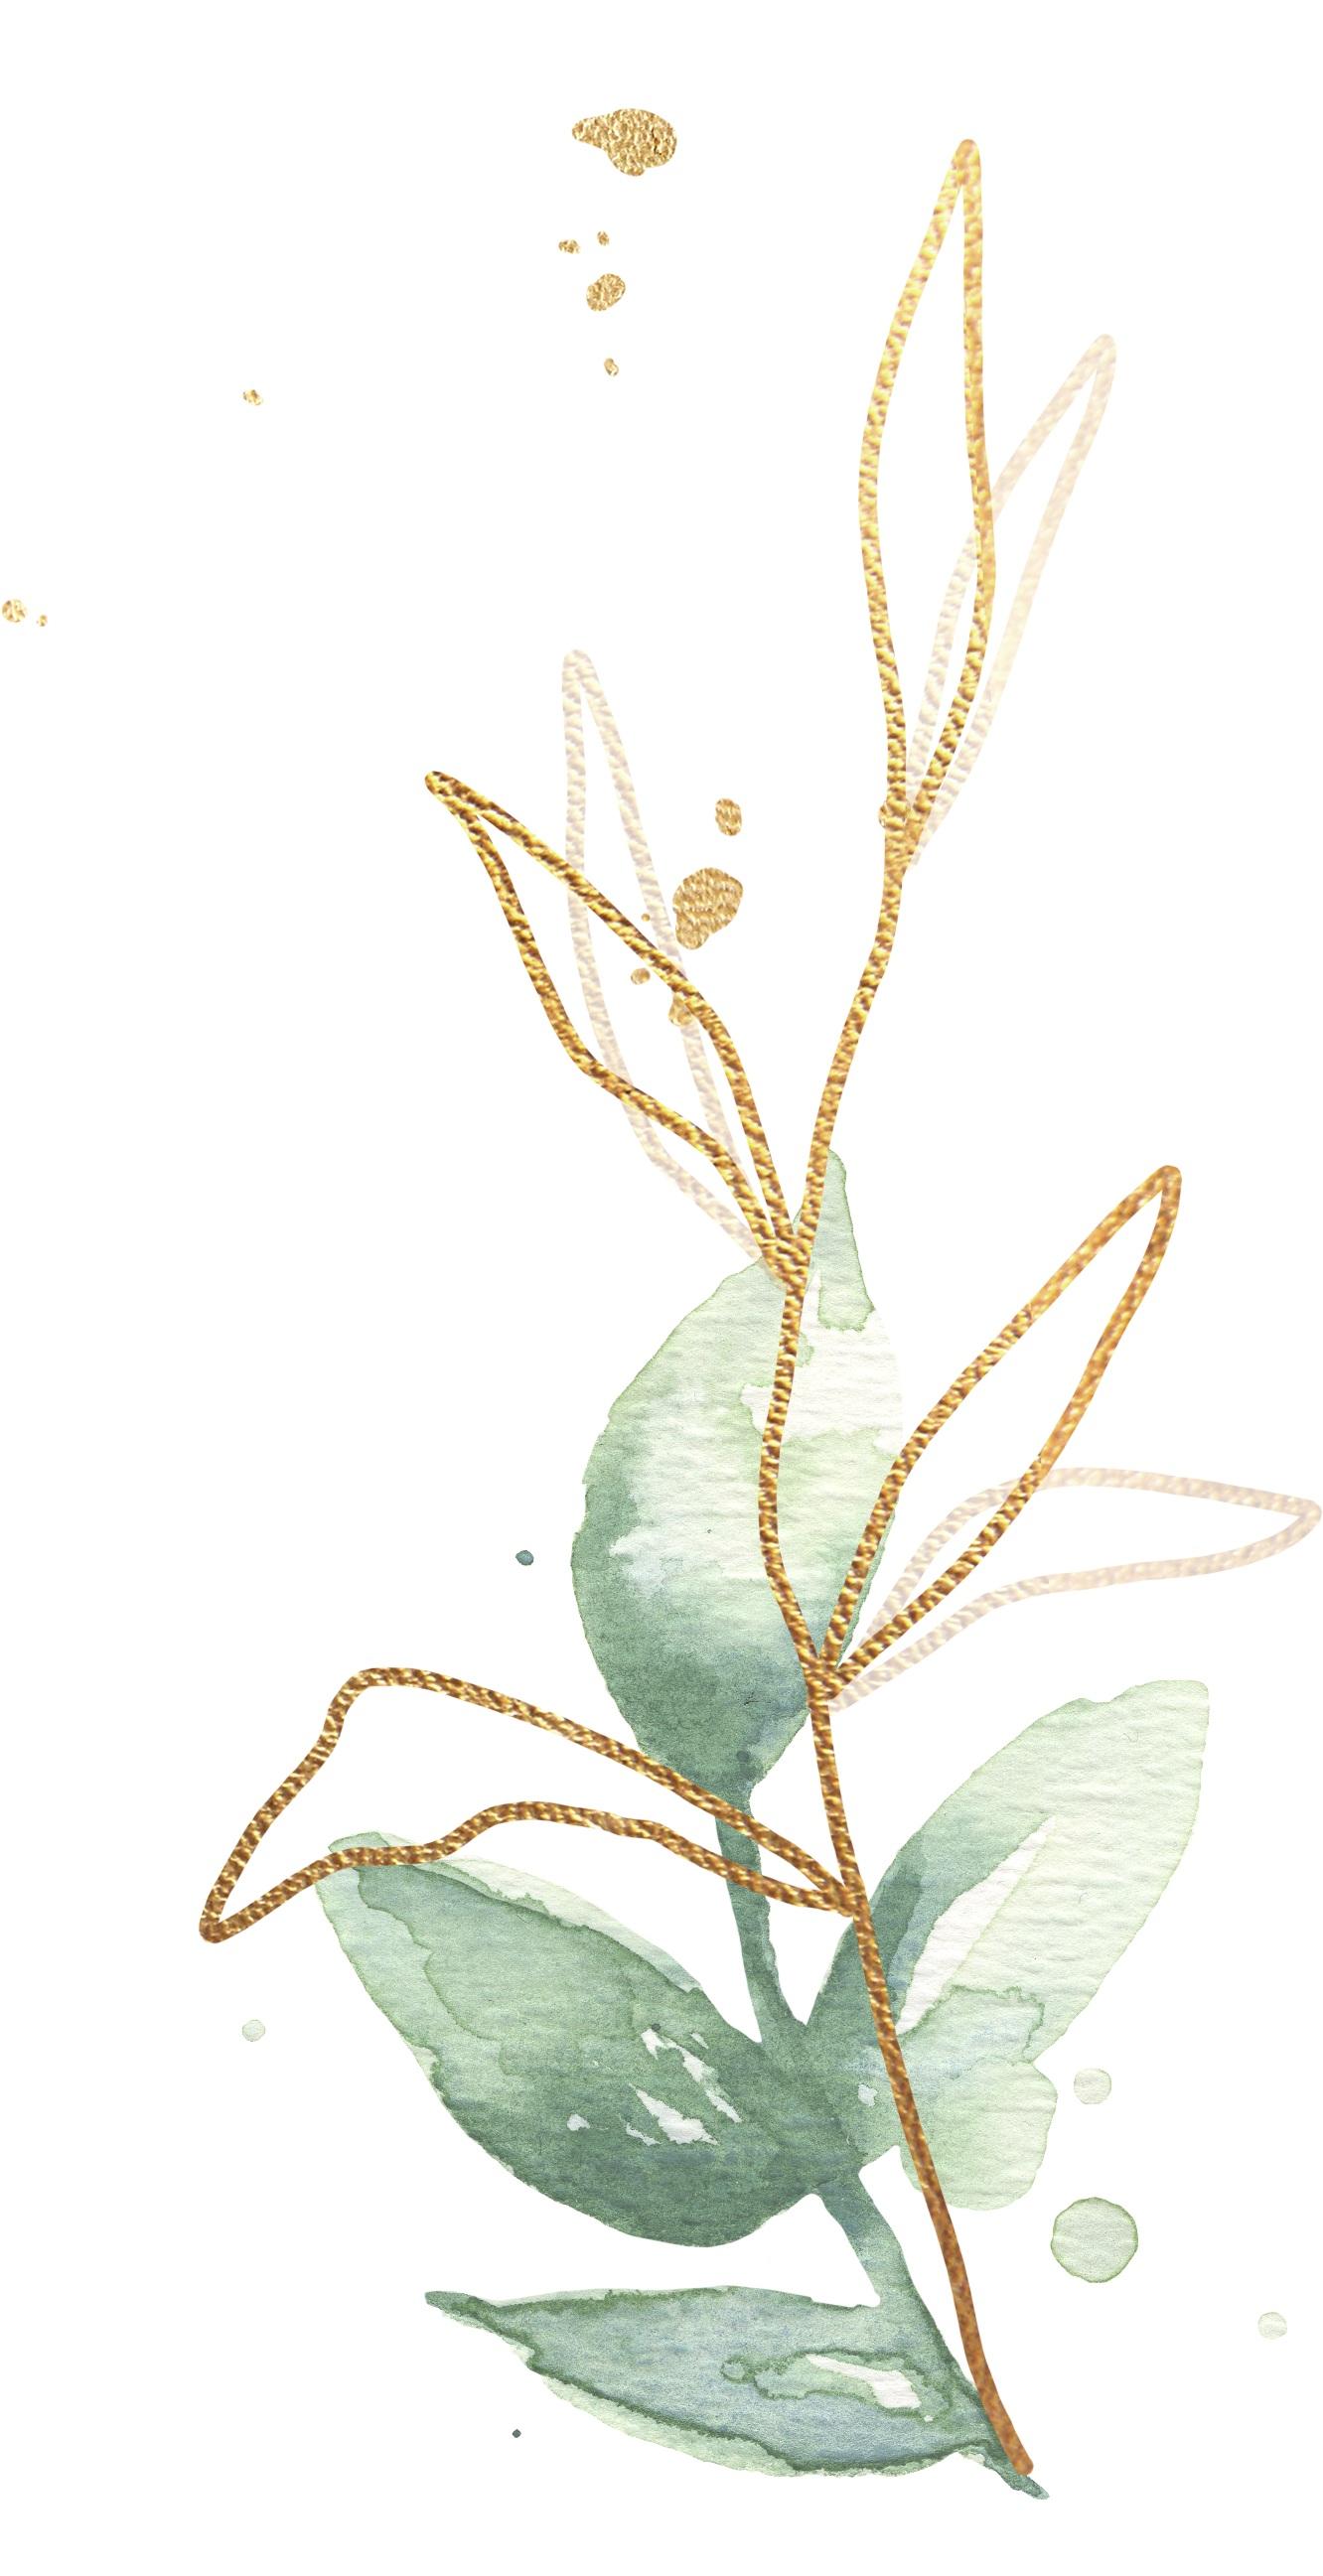 gold_leaf_arrangement_01.jpg